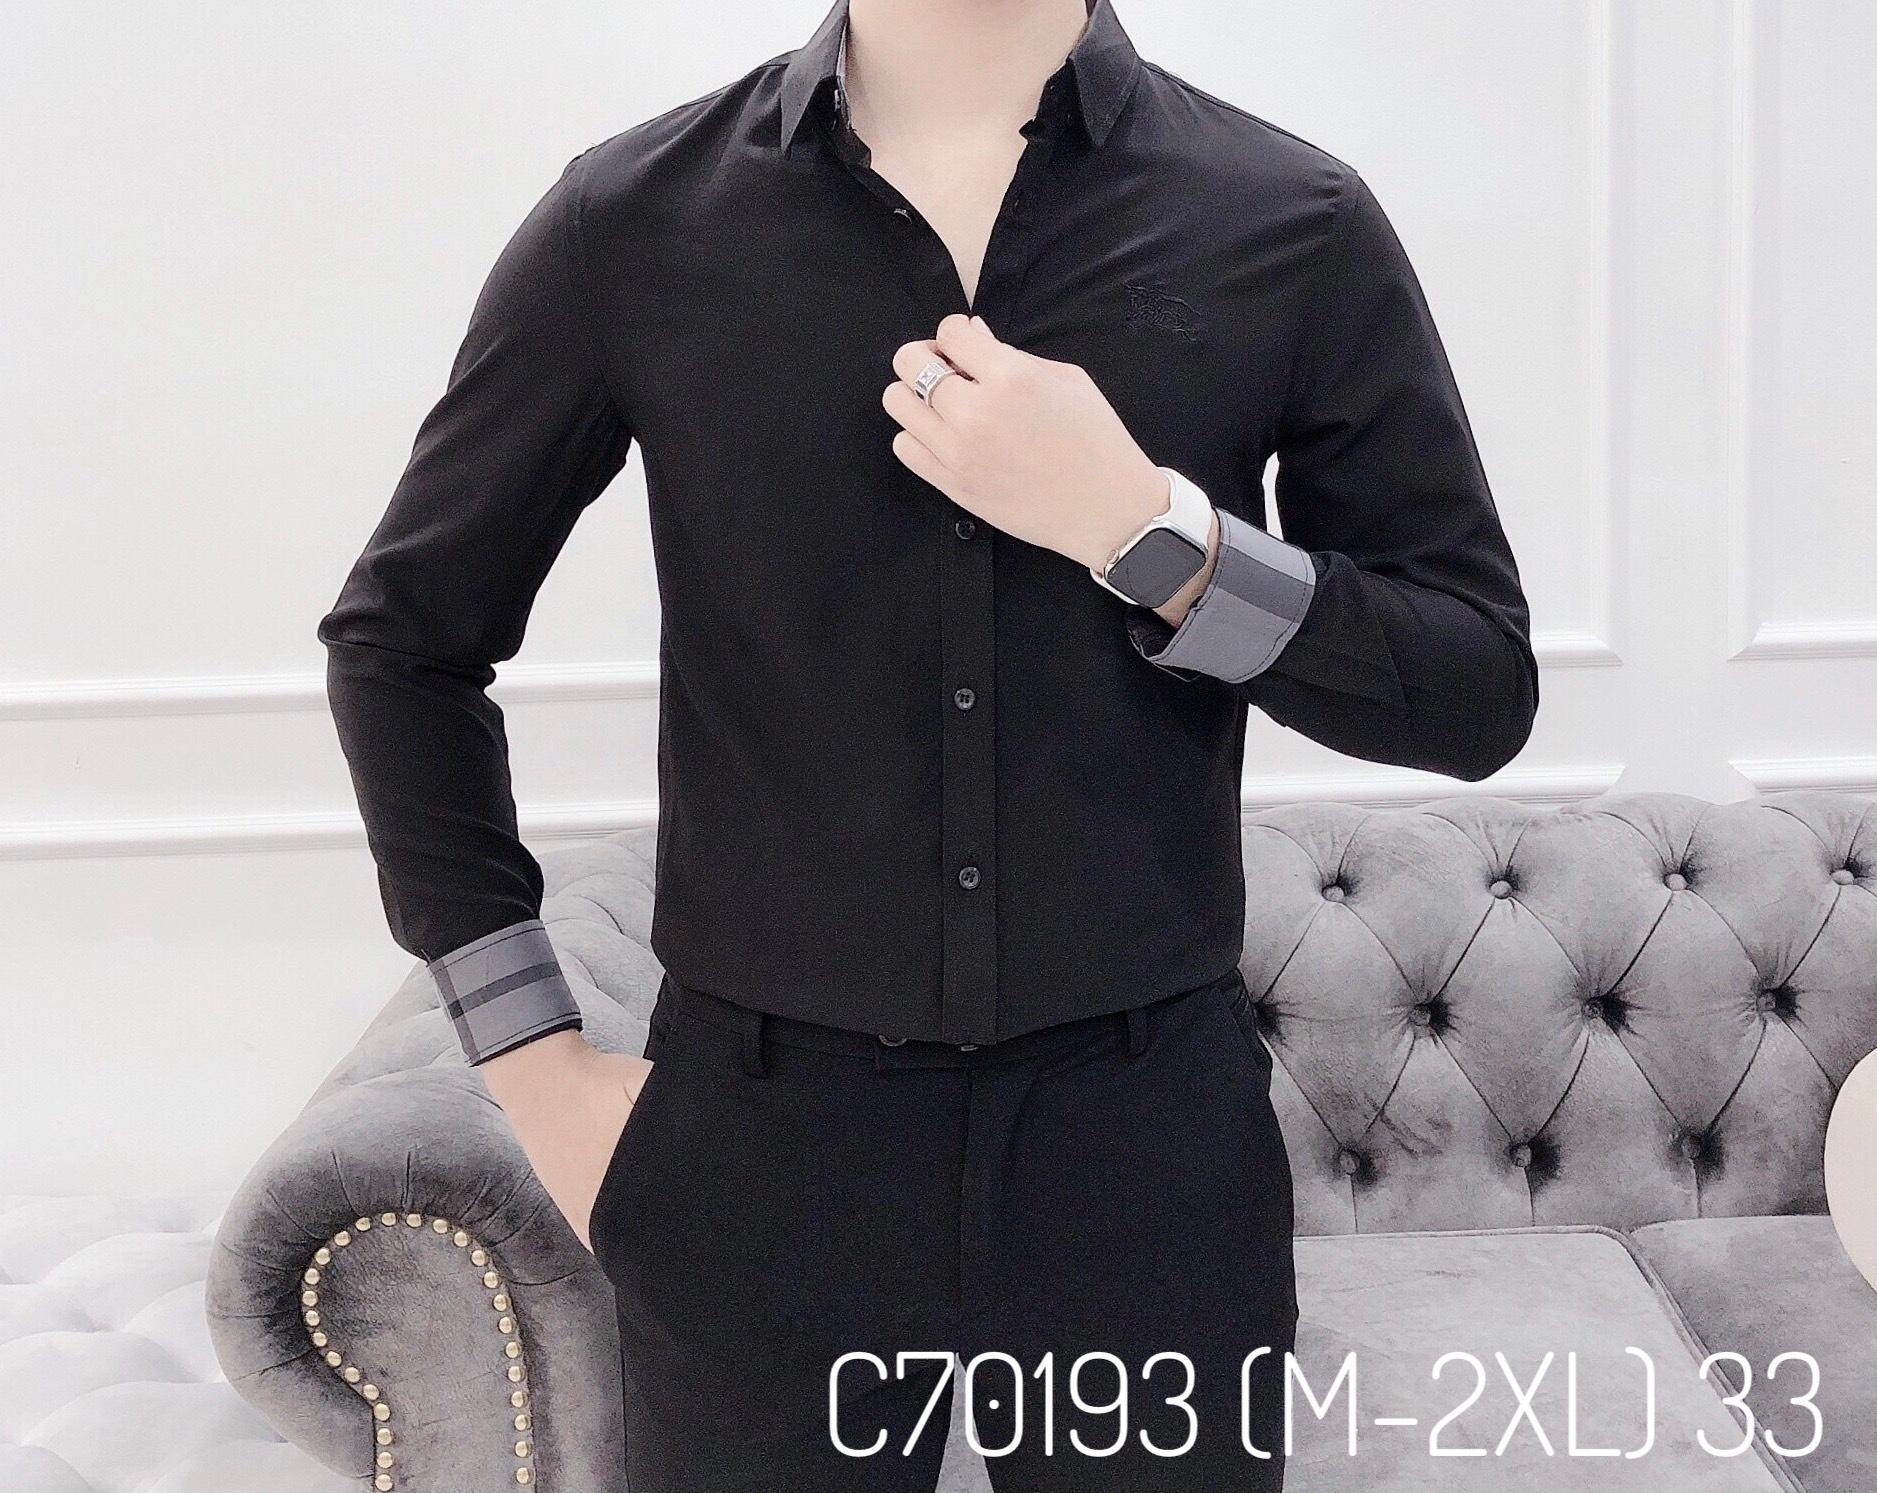 SƠMI C70193 (M-2XL)